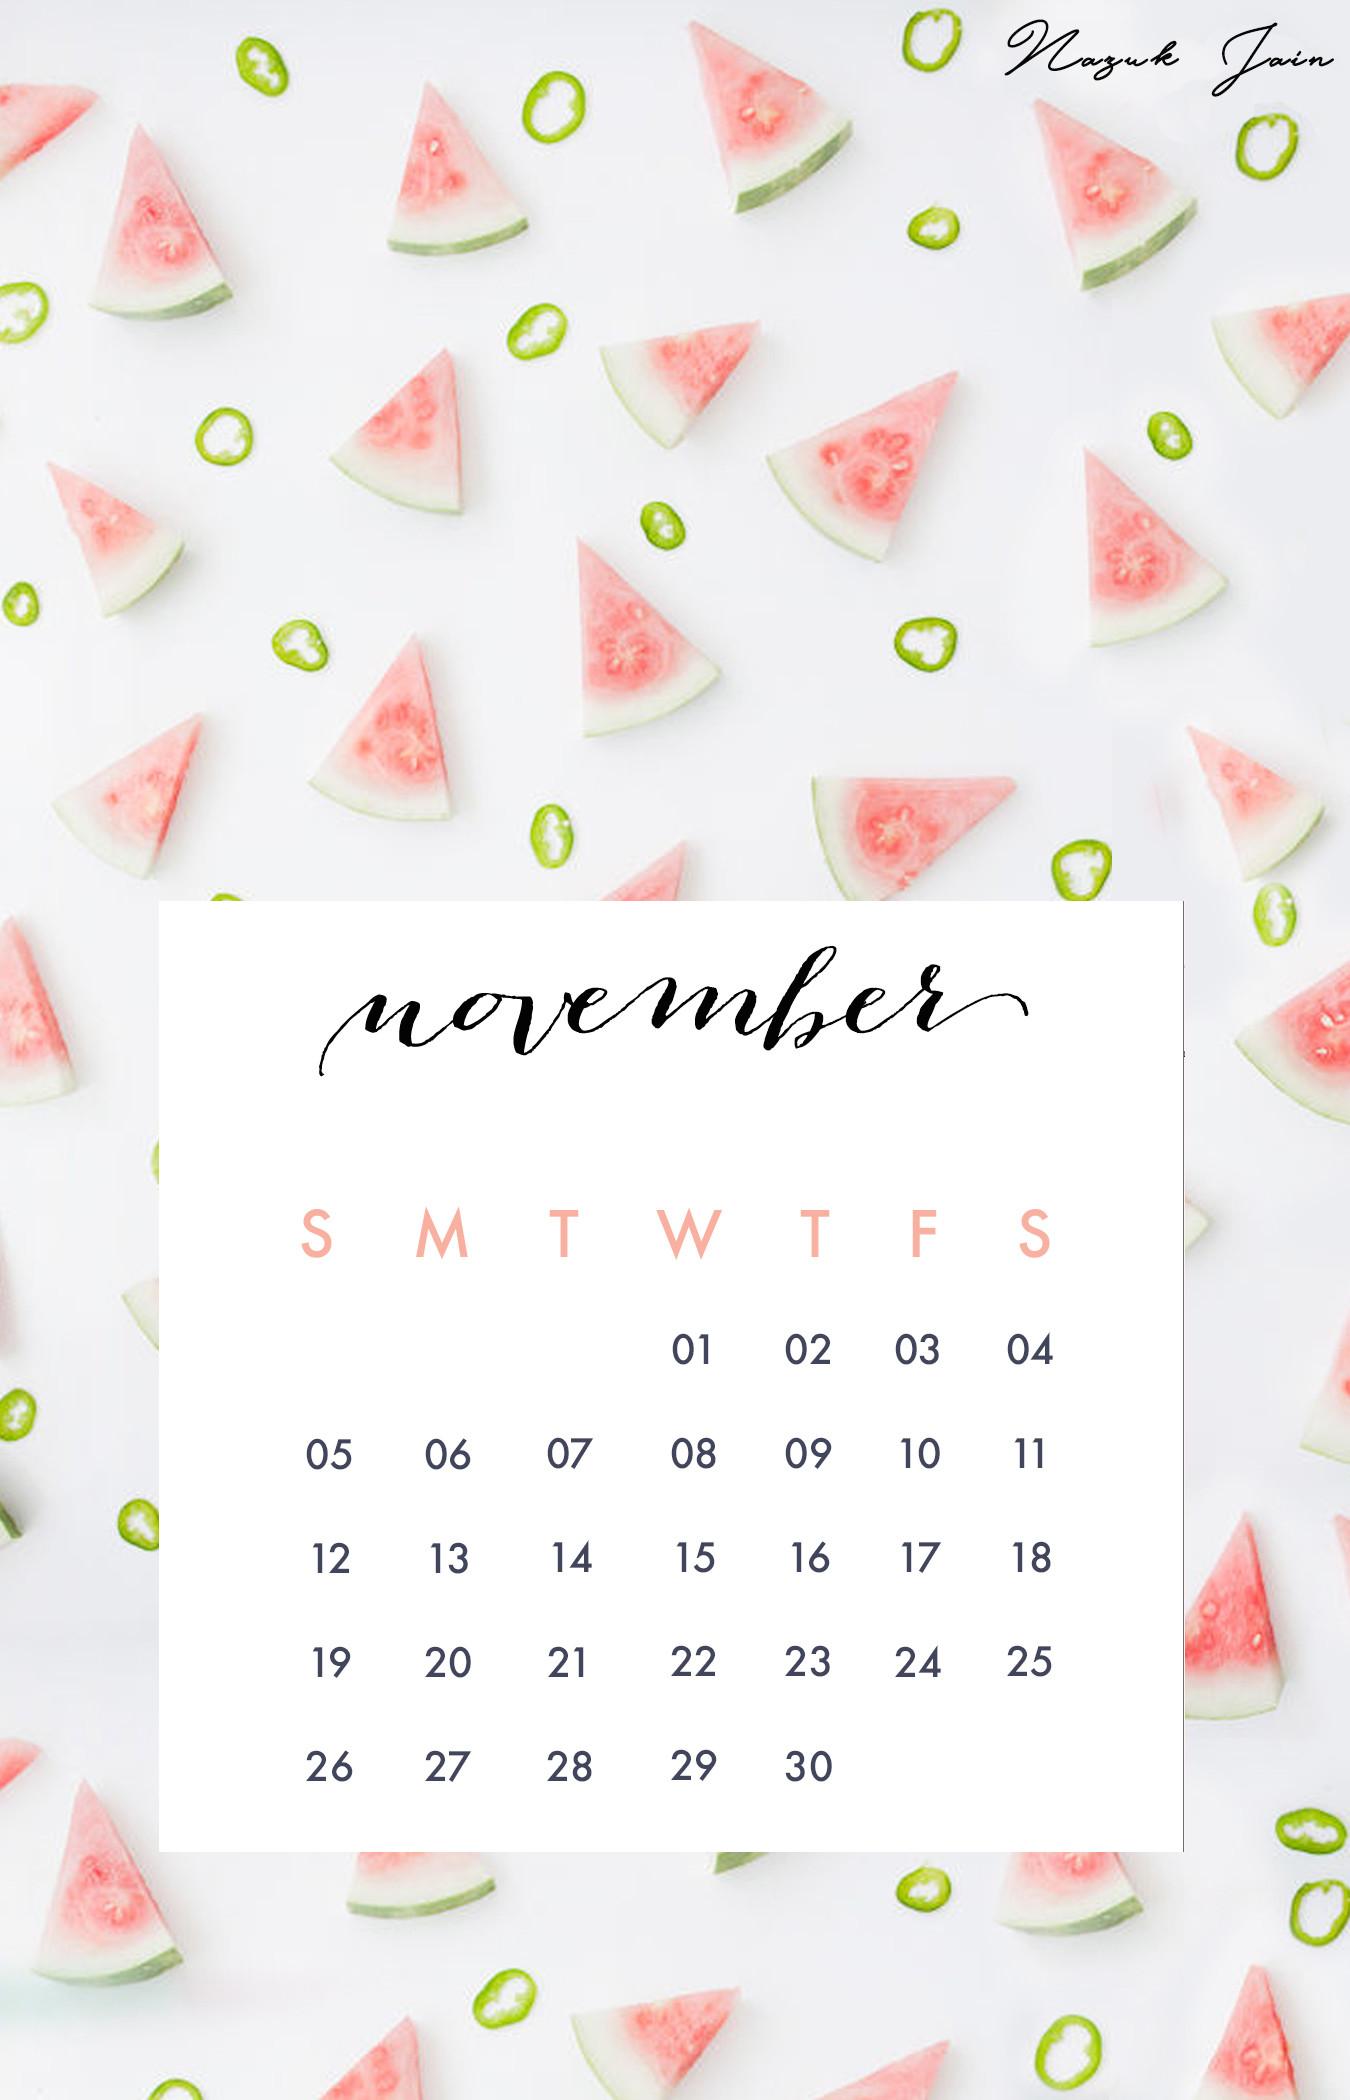 Calendar Desktop Wallpaper December : Desktop wallpapers calendar december ·①